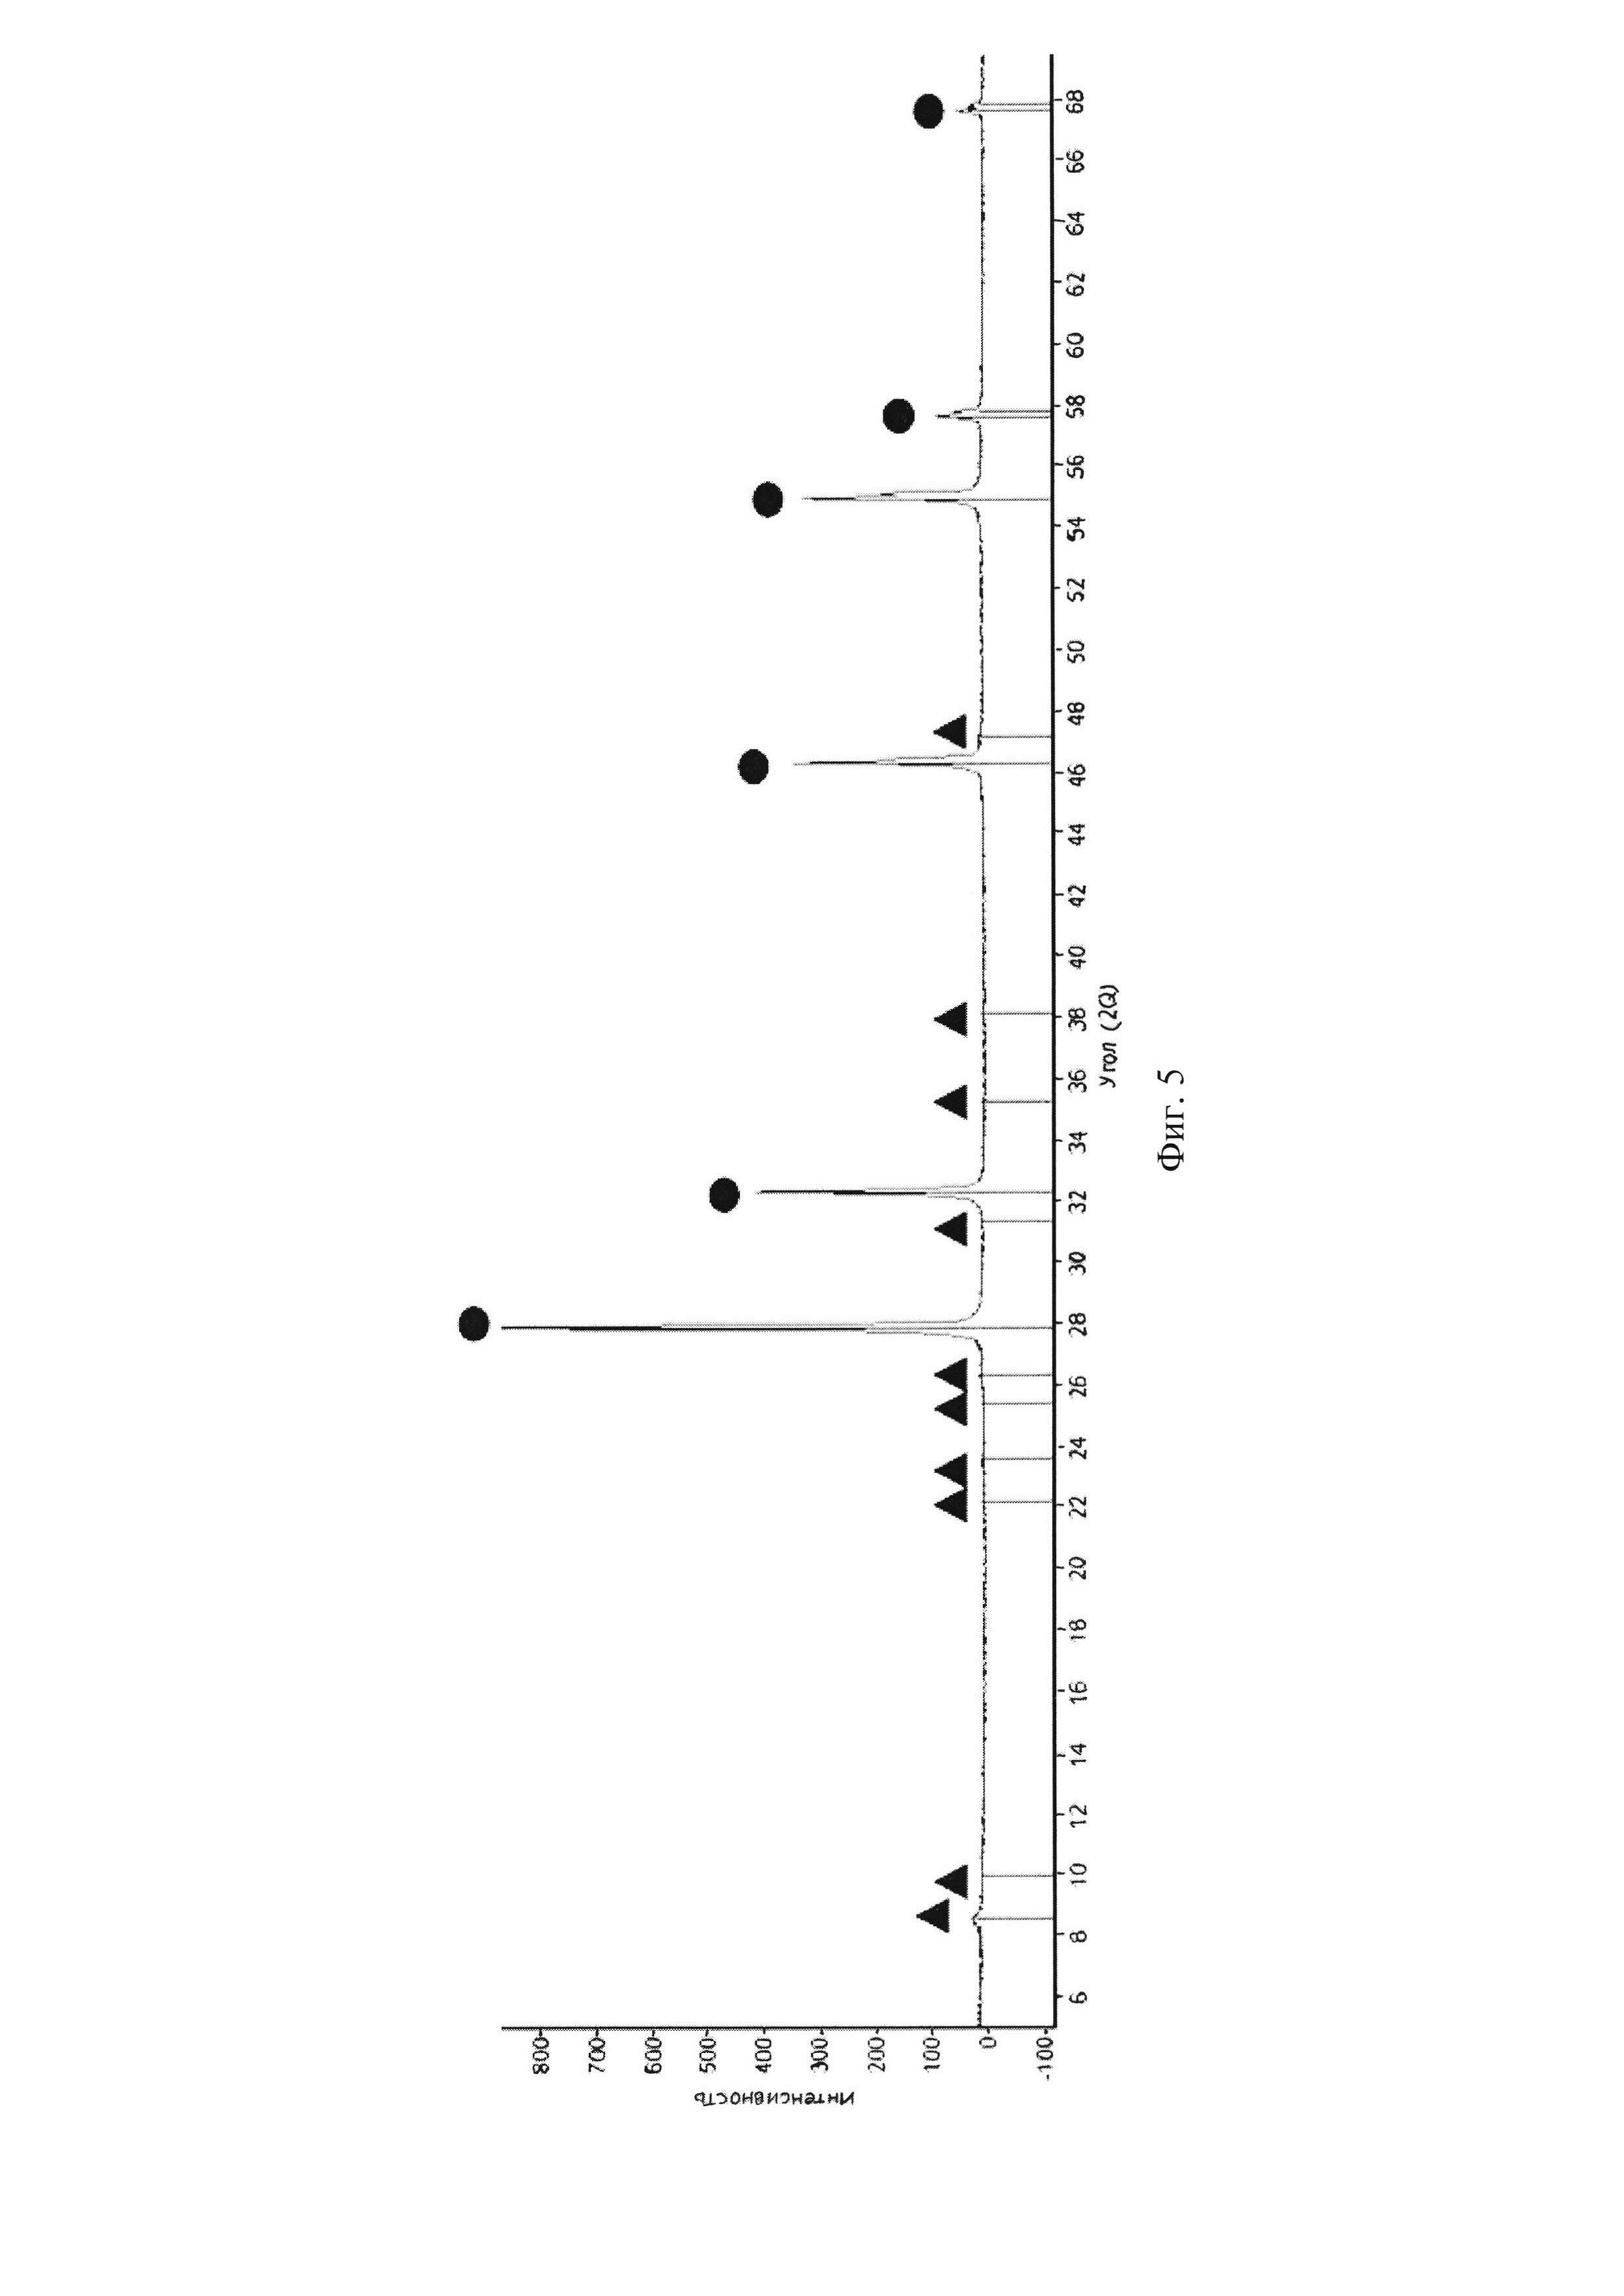 Способ получения соединения δ*-bio в системе bio-sio